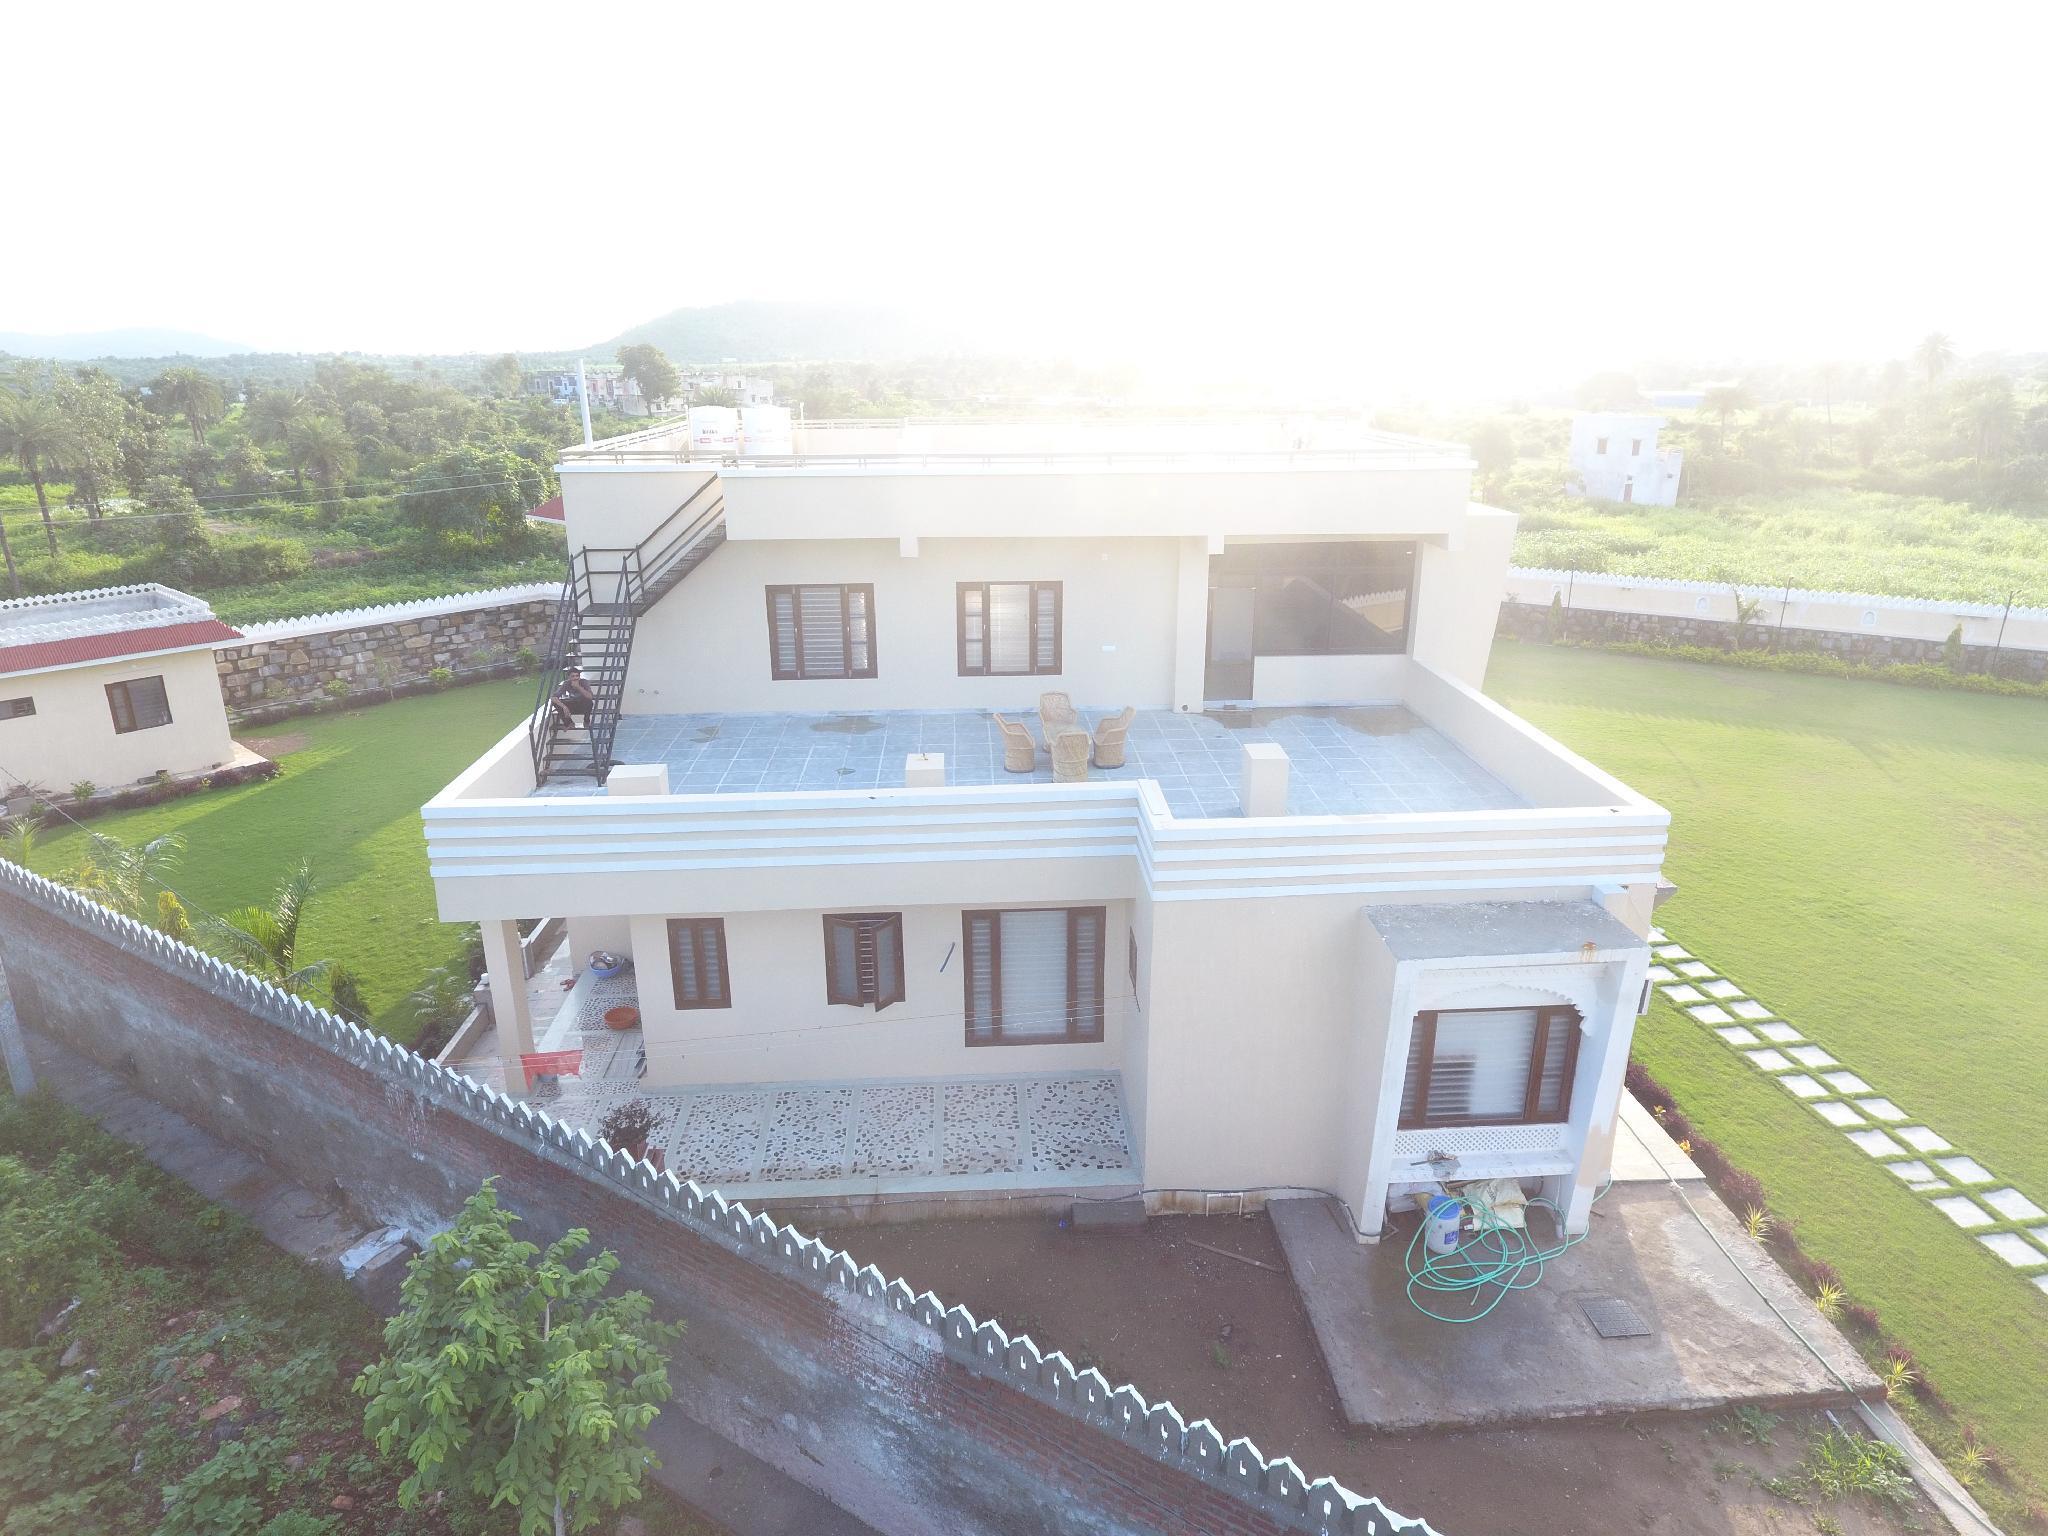 Vijay villa resort, Udaipur